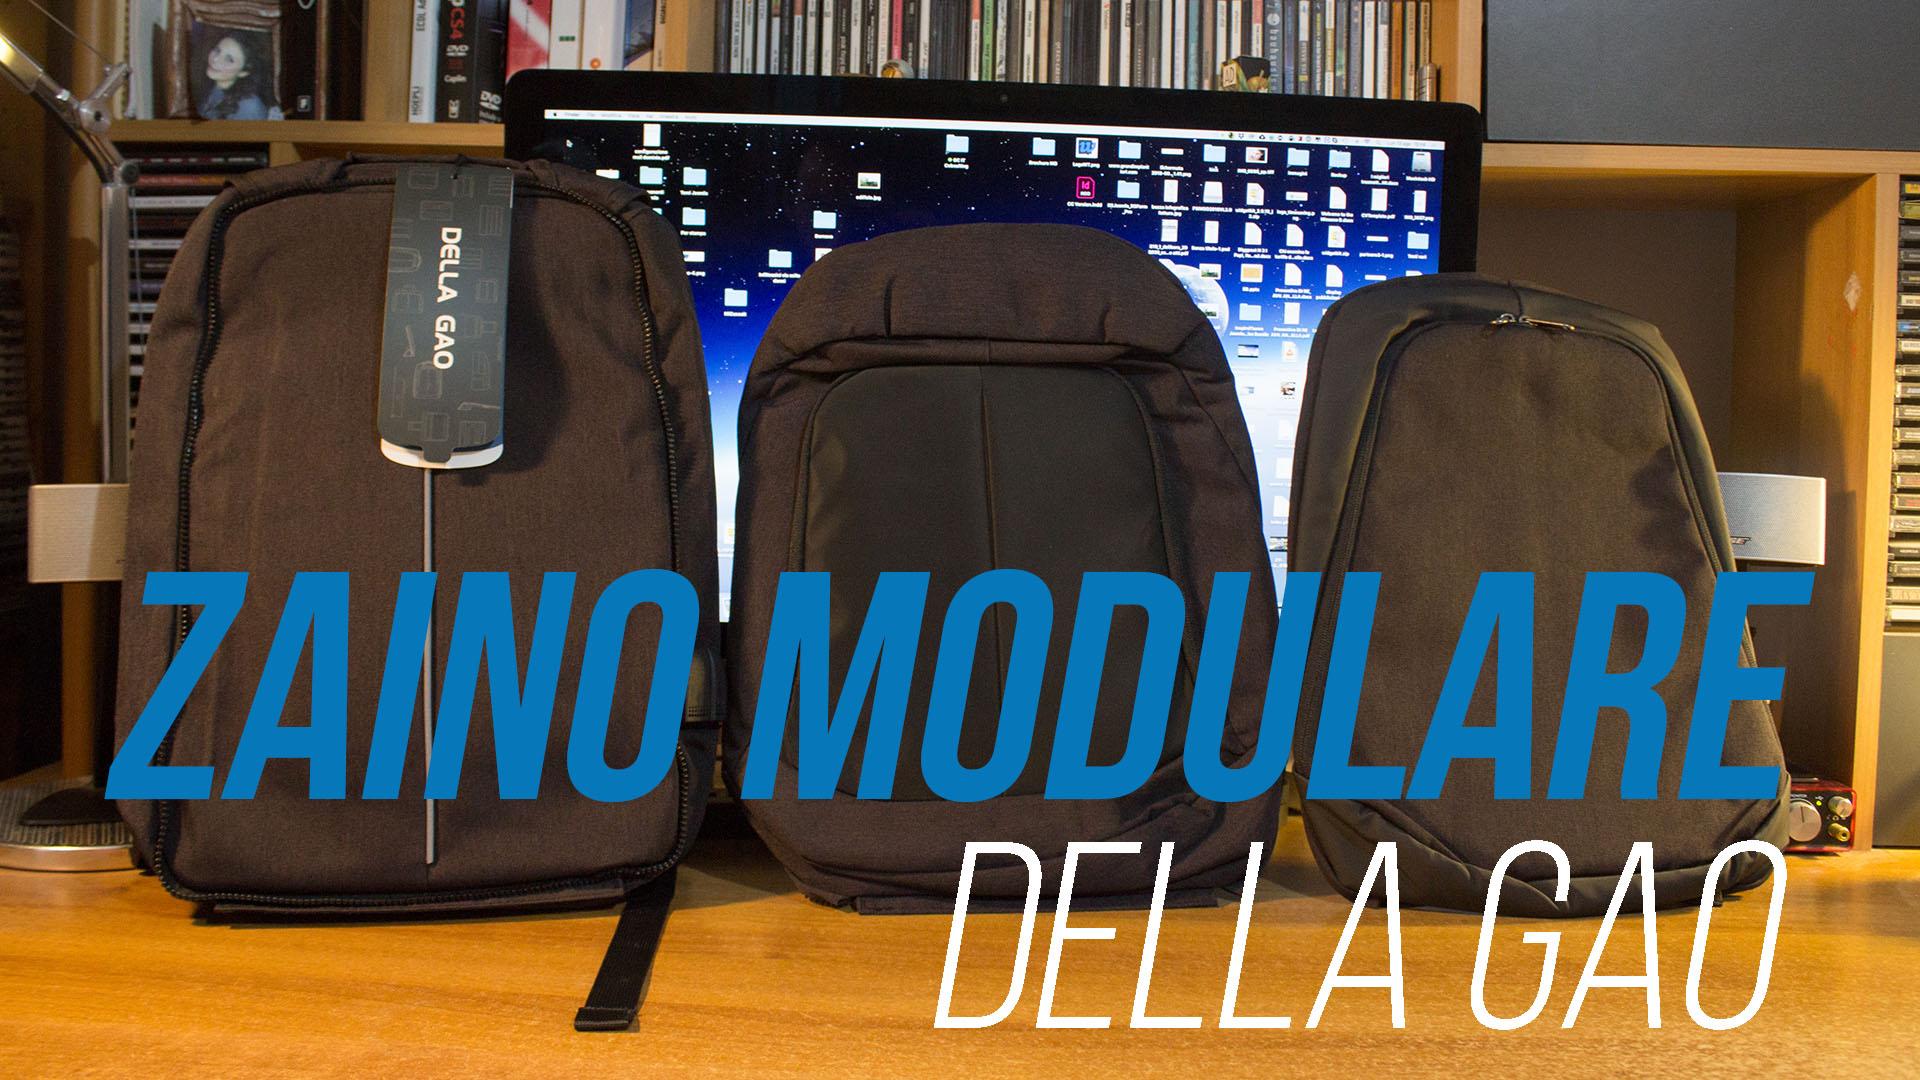 più amato 821bd b7906 Recensione Zaino modulare per notebook Della Gao - Why-Tech